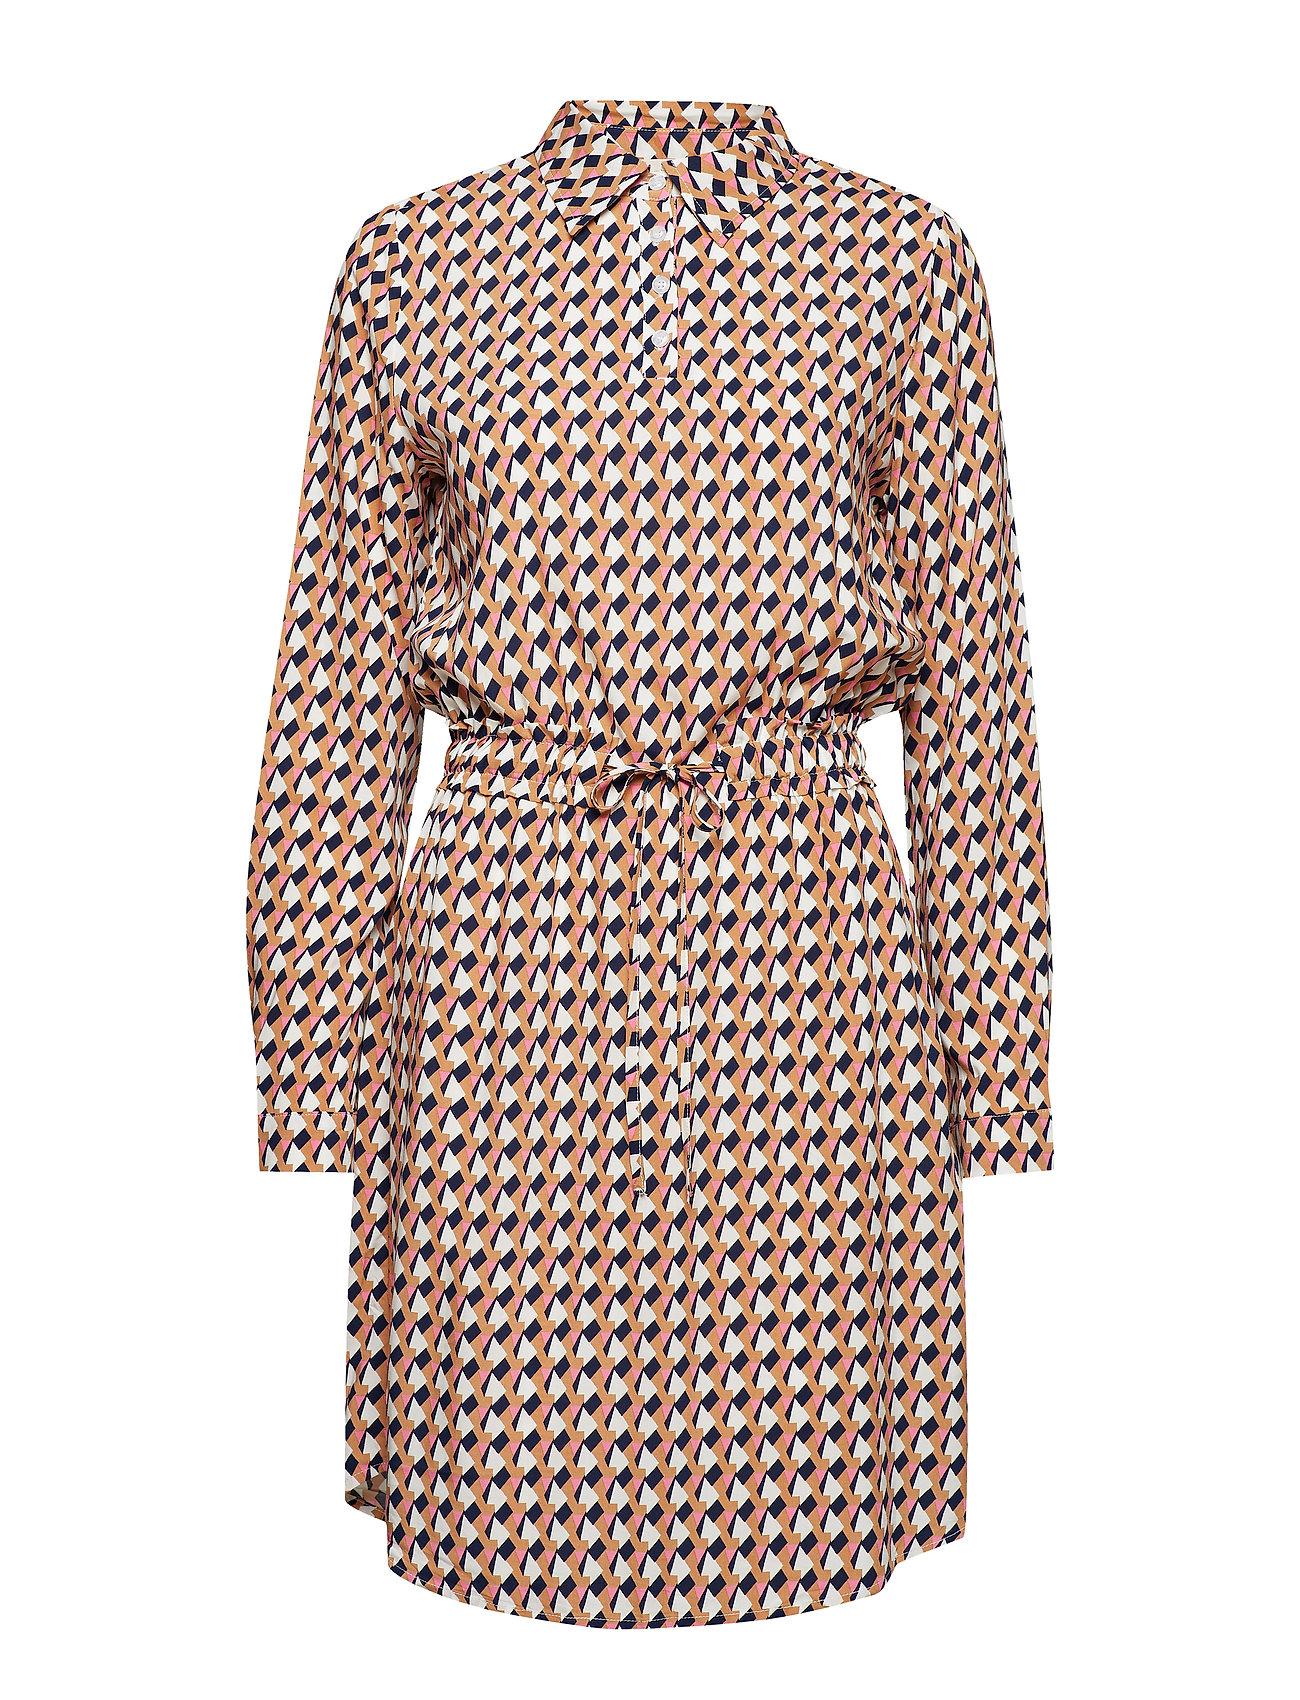 Minus Noelle dress L/S - PEAK PRINT ALMOND